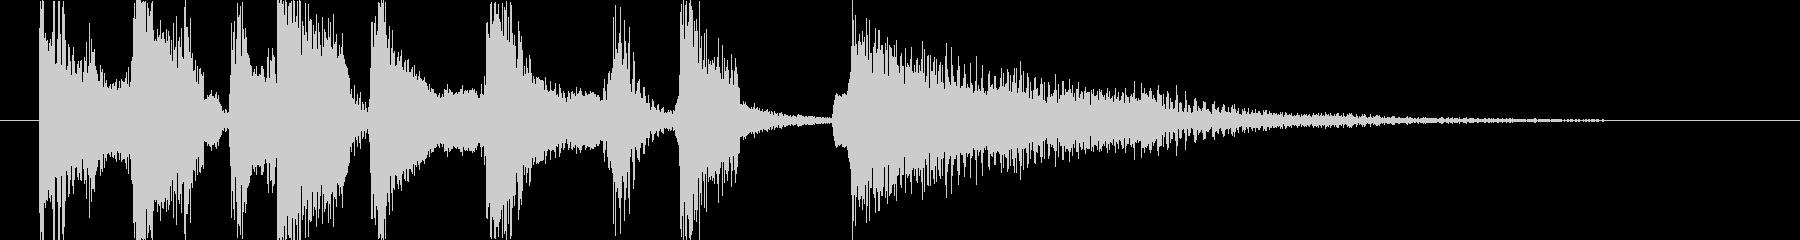 ロックオルガンのジングル(テンポ落ち)の未再生の波形